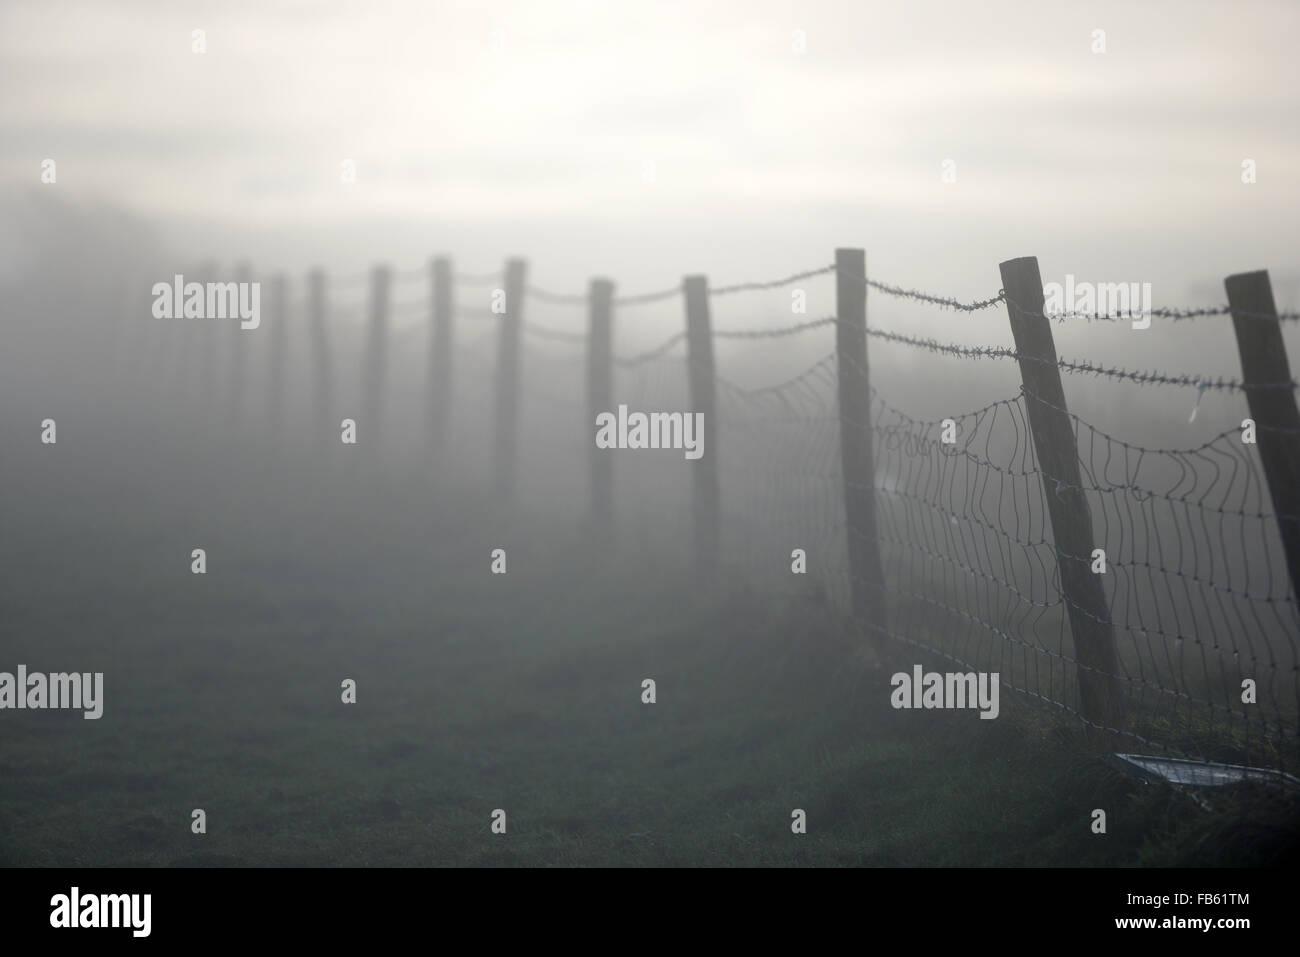 Misty fence - Stock Image